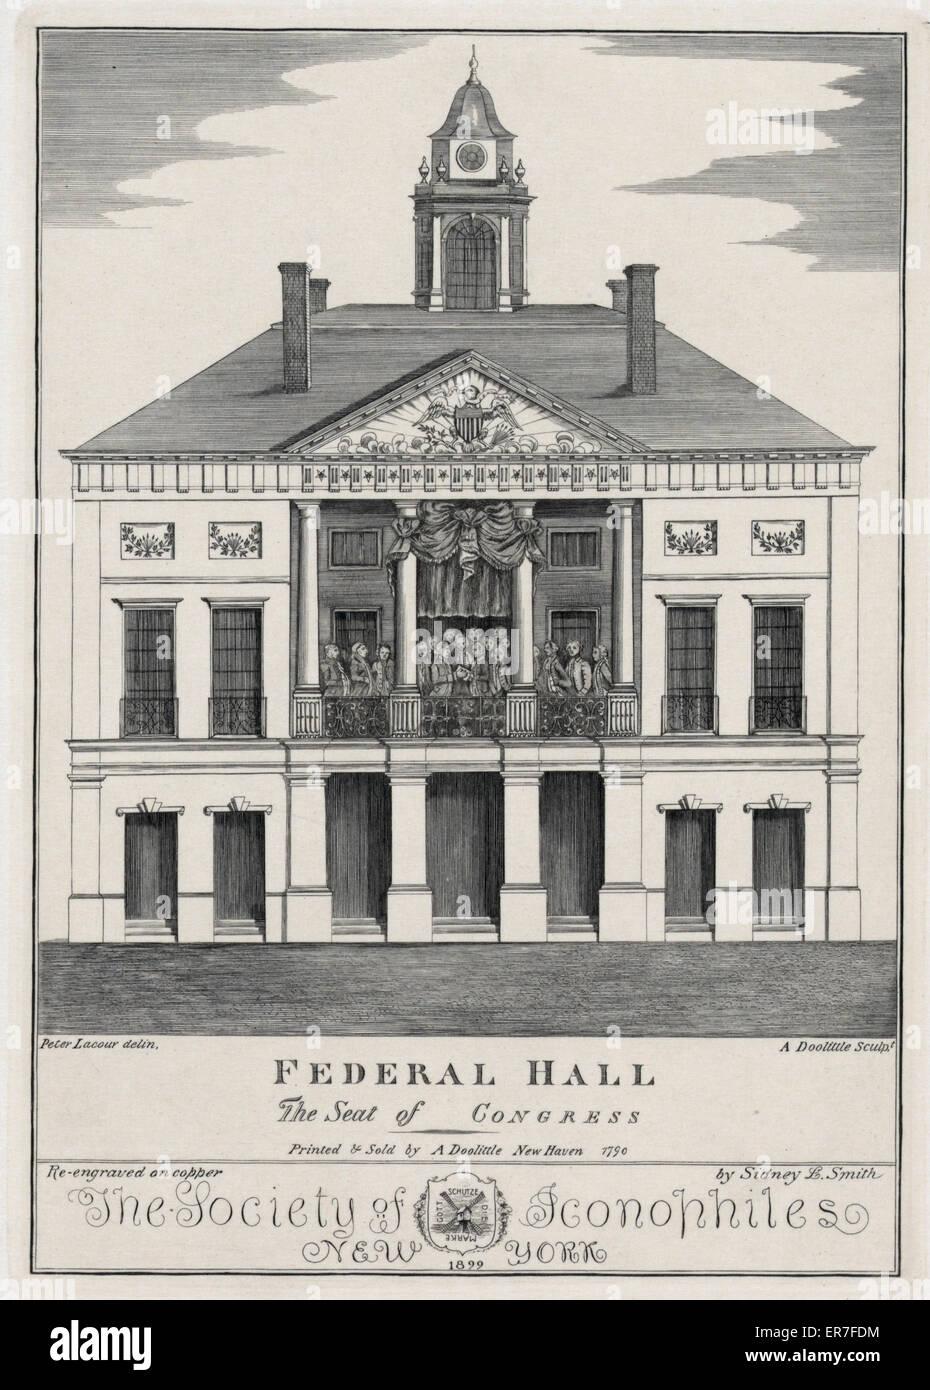 Sala federale. La sede del Congresso. Data 1899. Immagini Stock